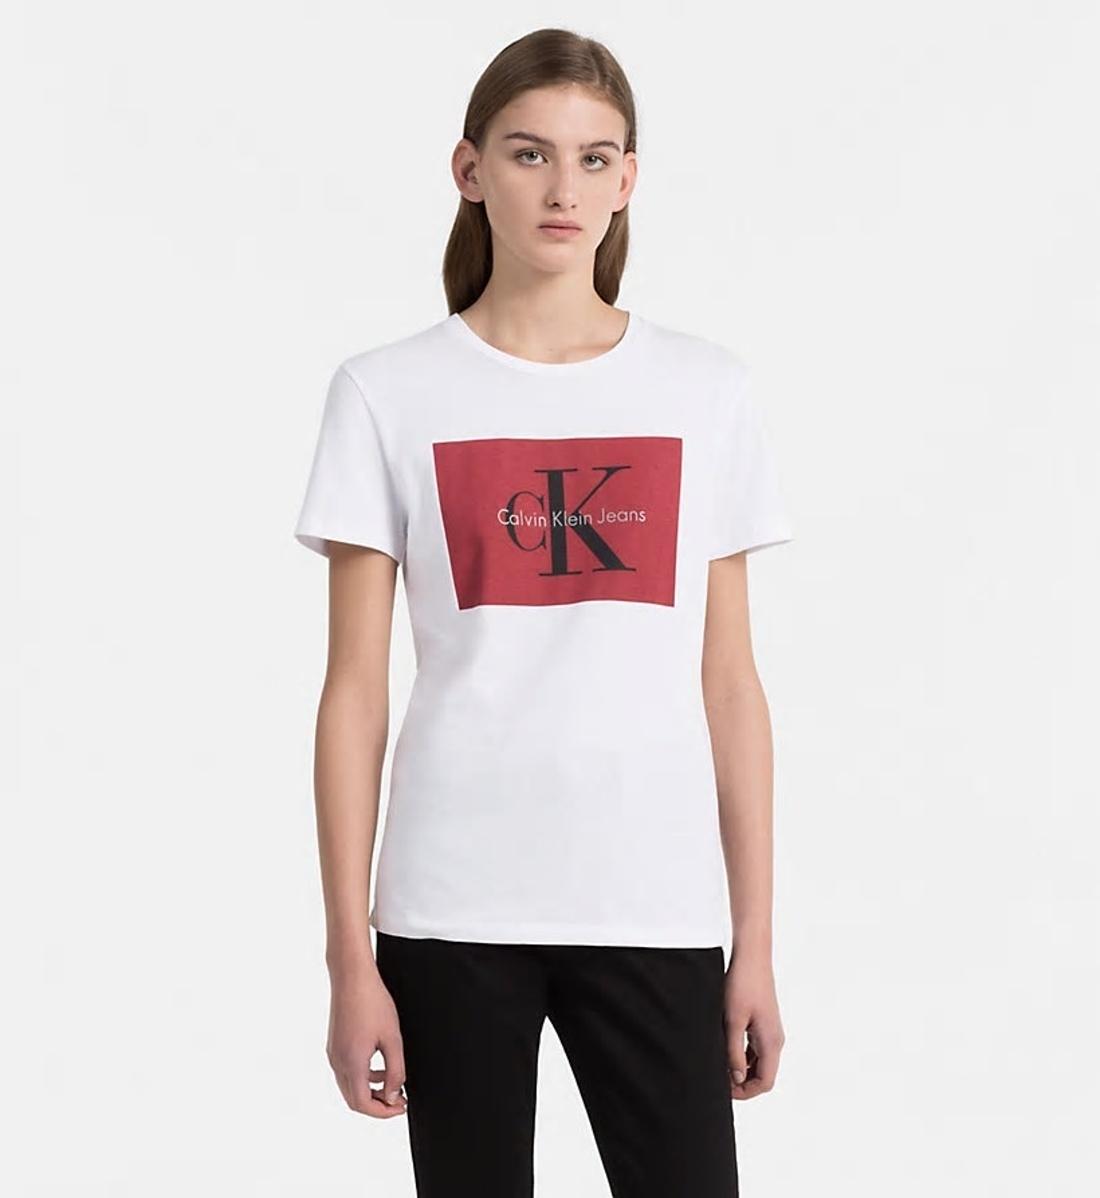 63d6e871bba1 Calvin Klein dámské bílé tričko s potiskem - Mode.cz